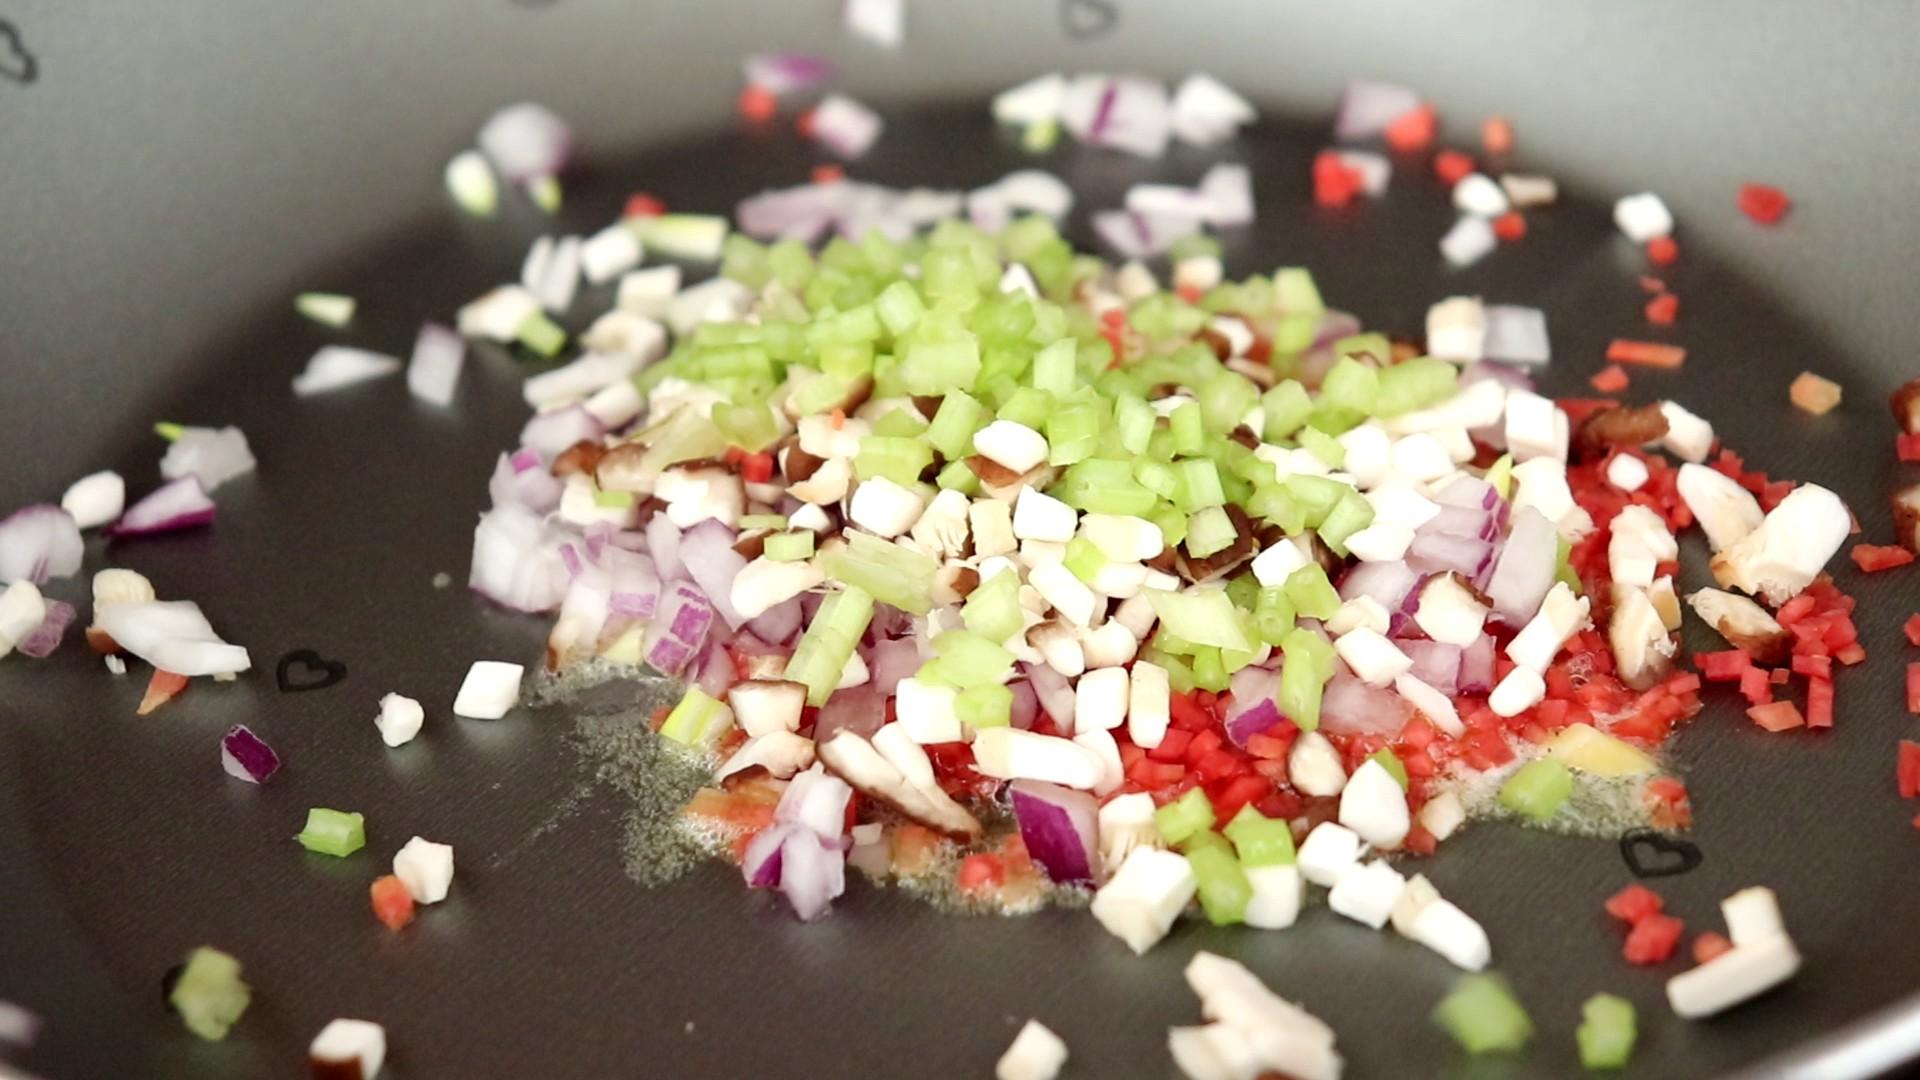 时蔬火腿饭团,油热之后倒入所有的蔬菜</p> <p>tips:无盐黄油可以用其他的食用油代替